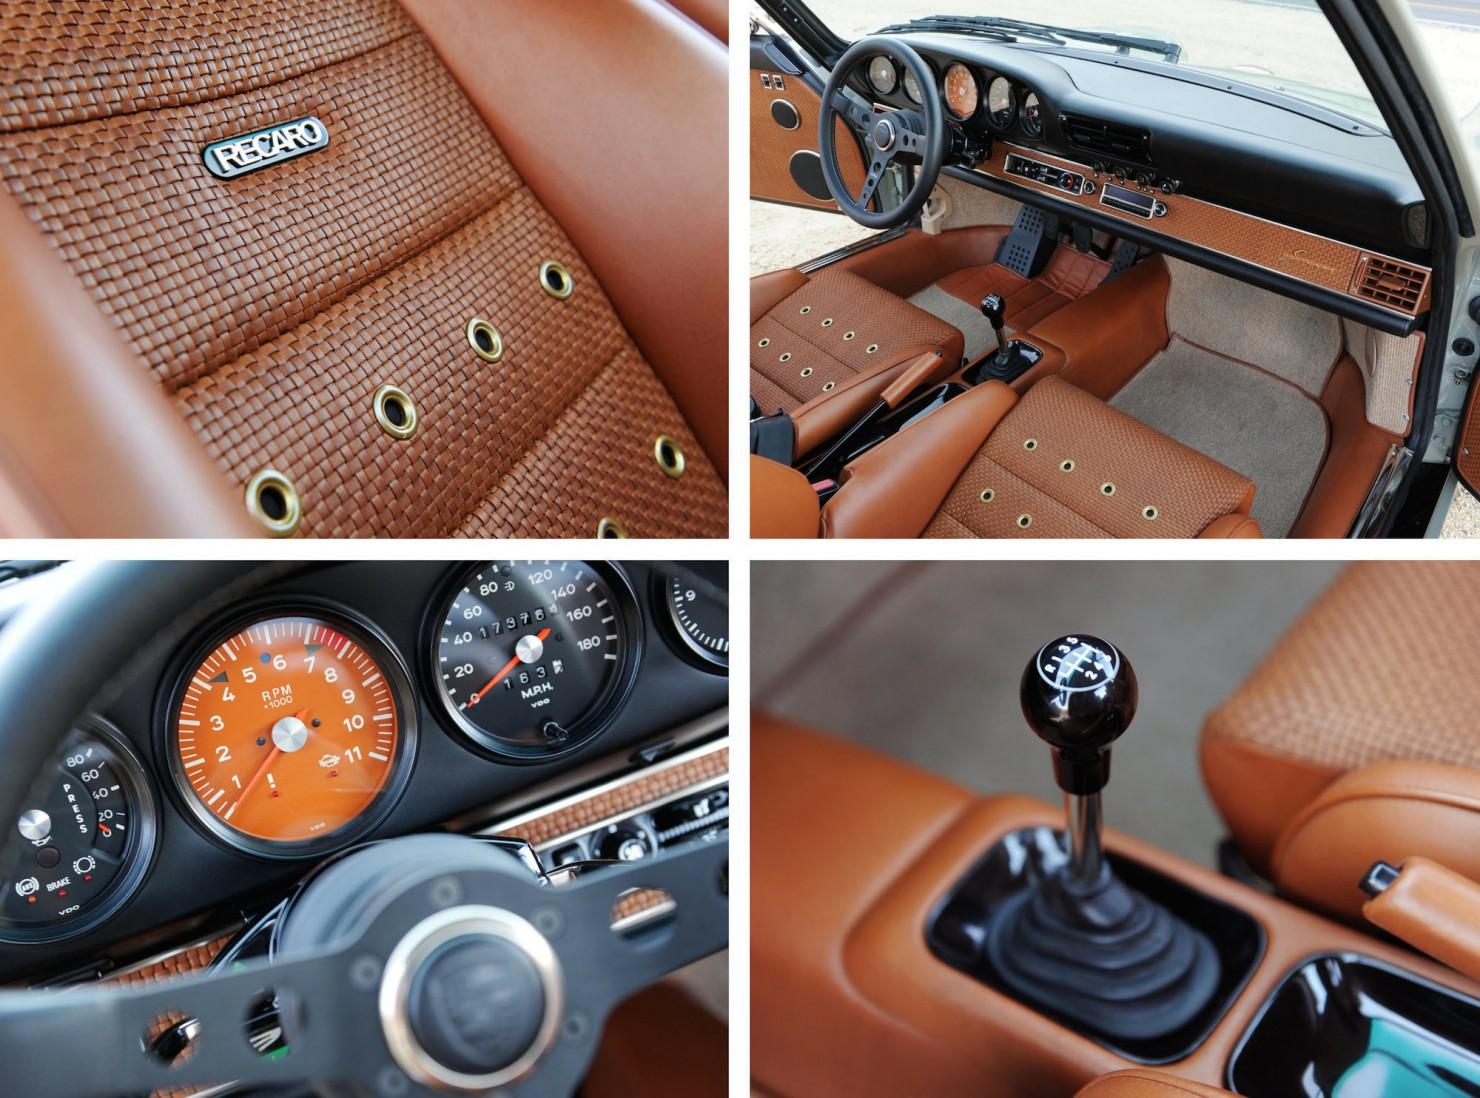 Singer_Porsche_911_Interior